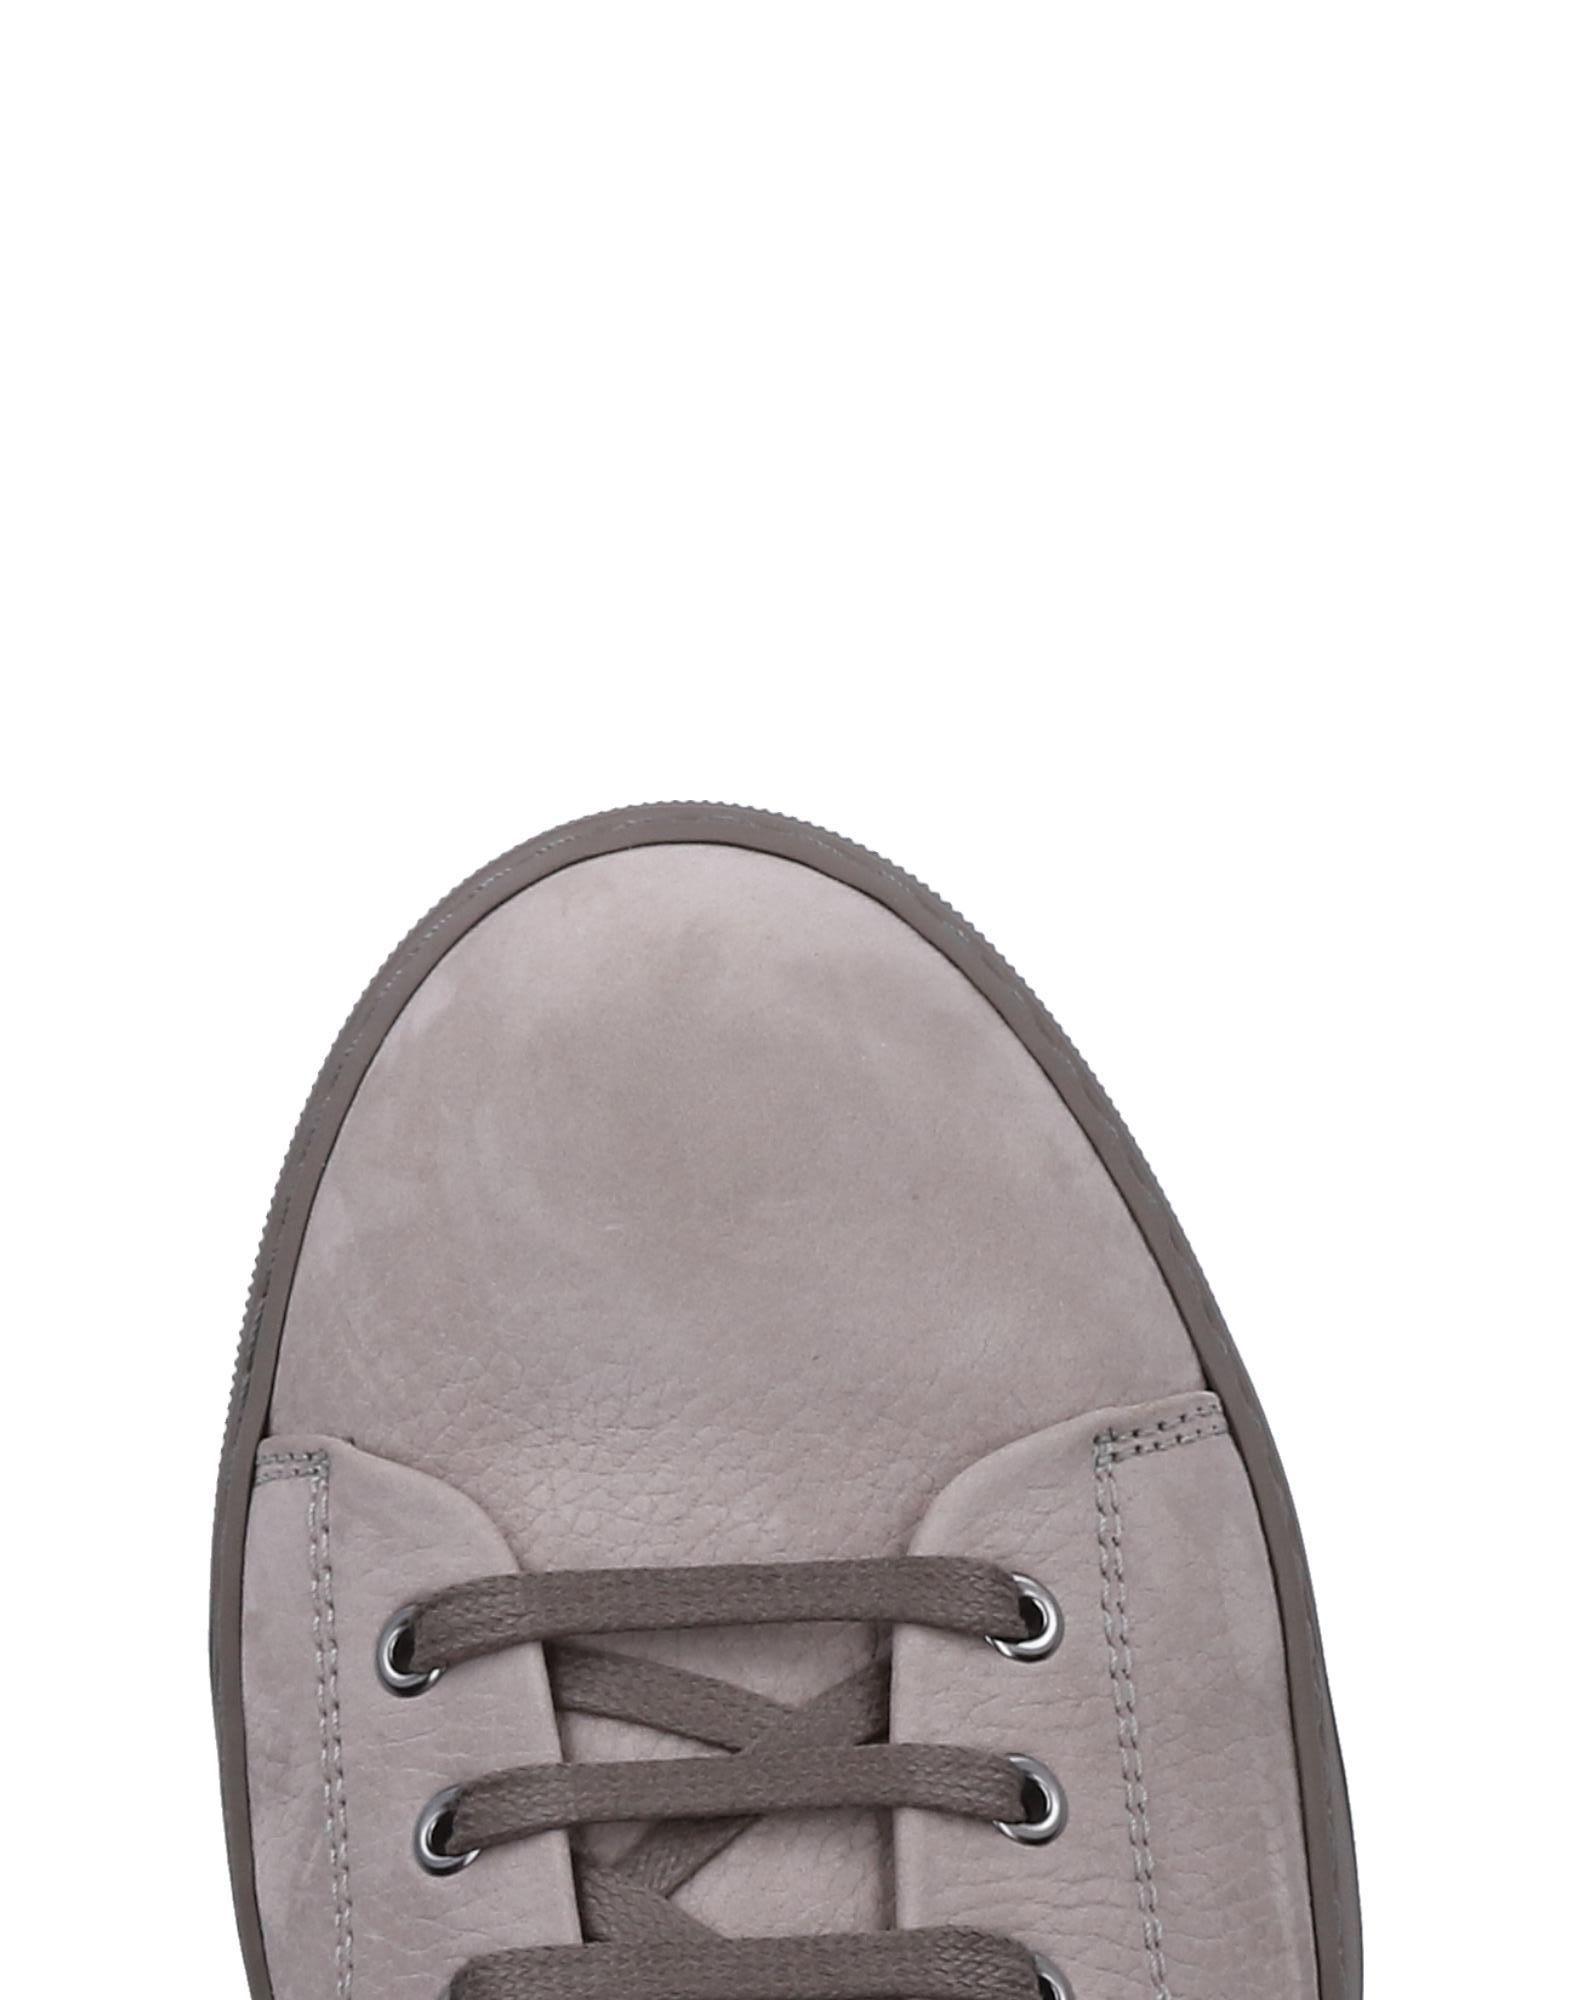 Lanvin Lanvin  Sneakers Herren  11501312KM 805940